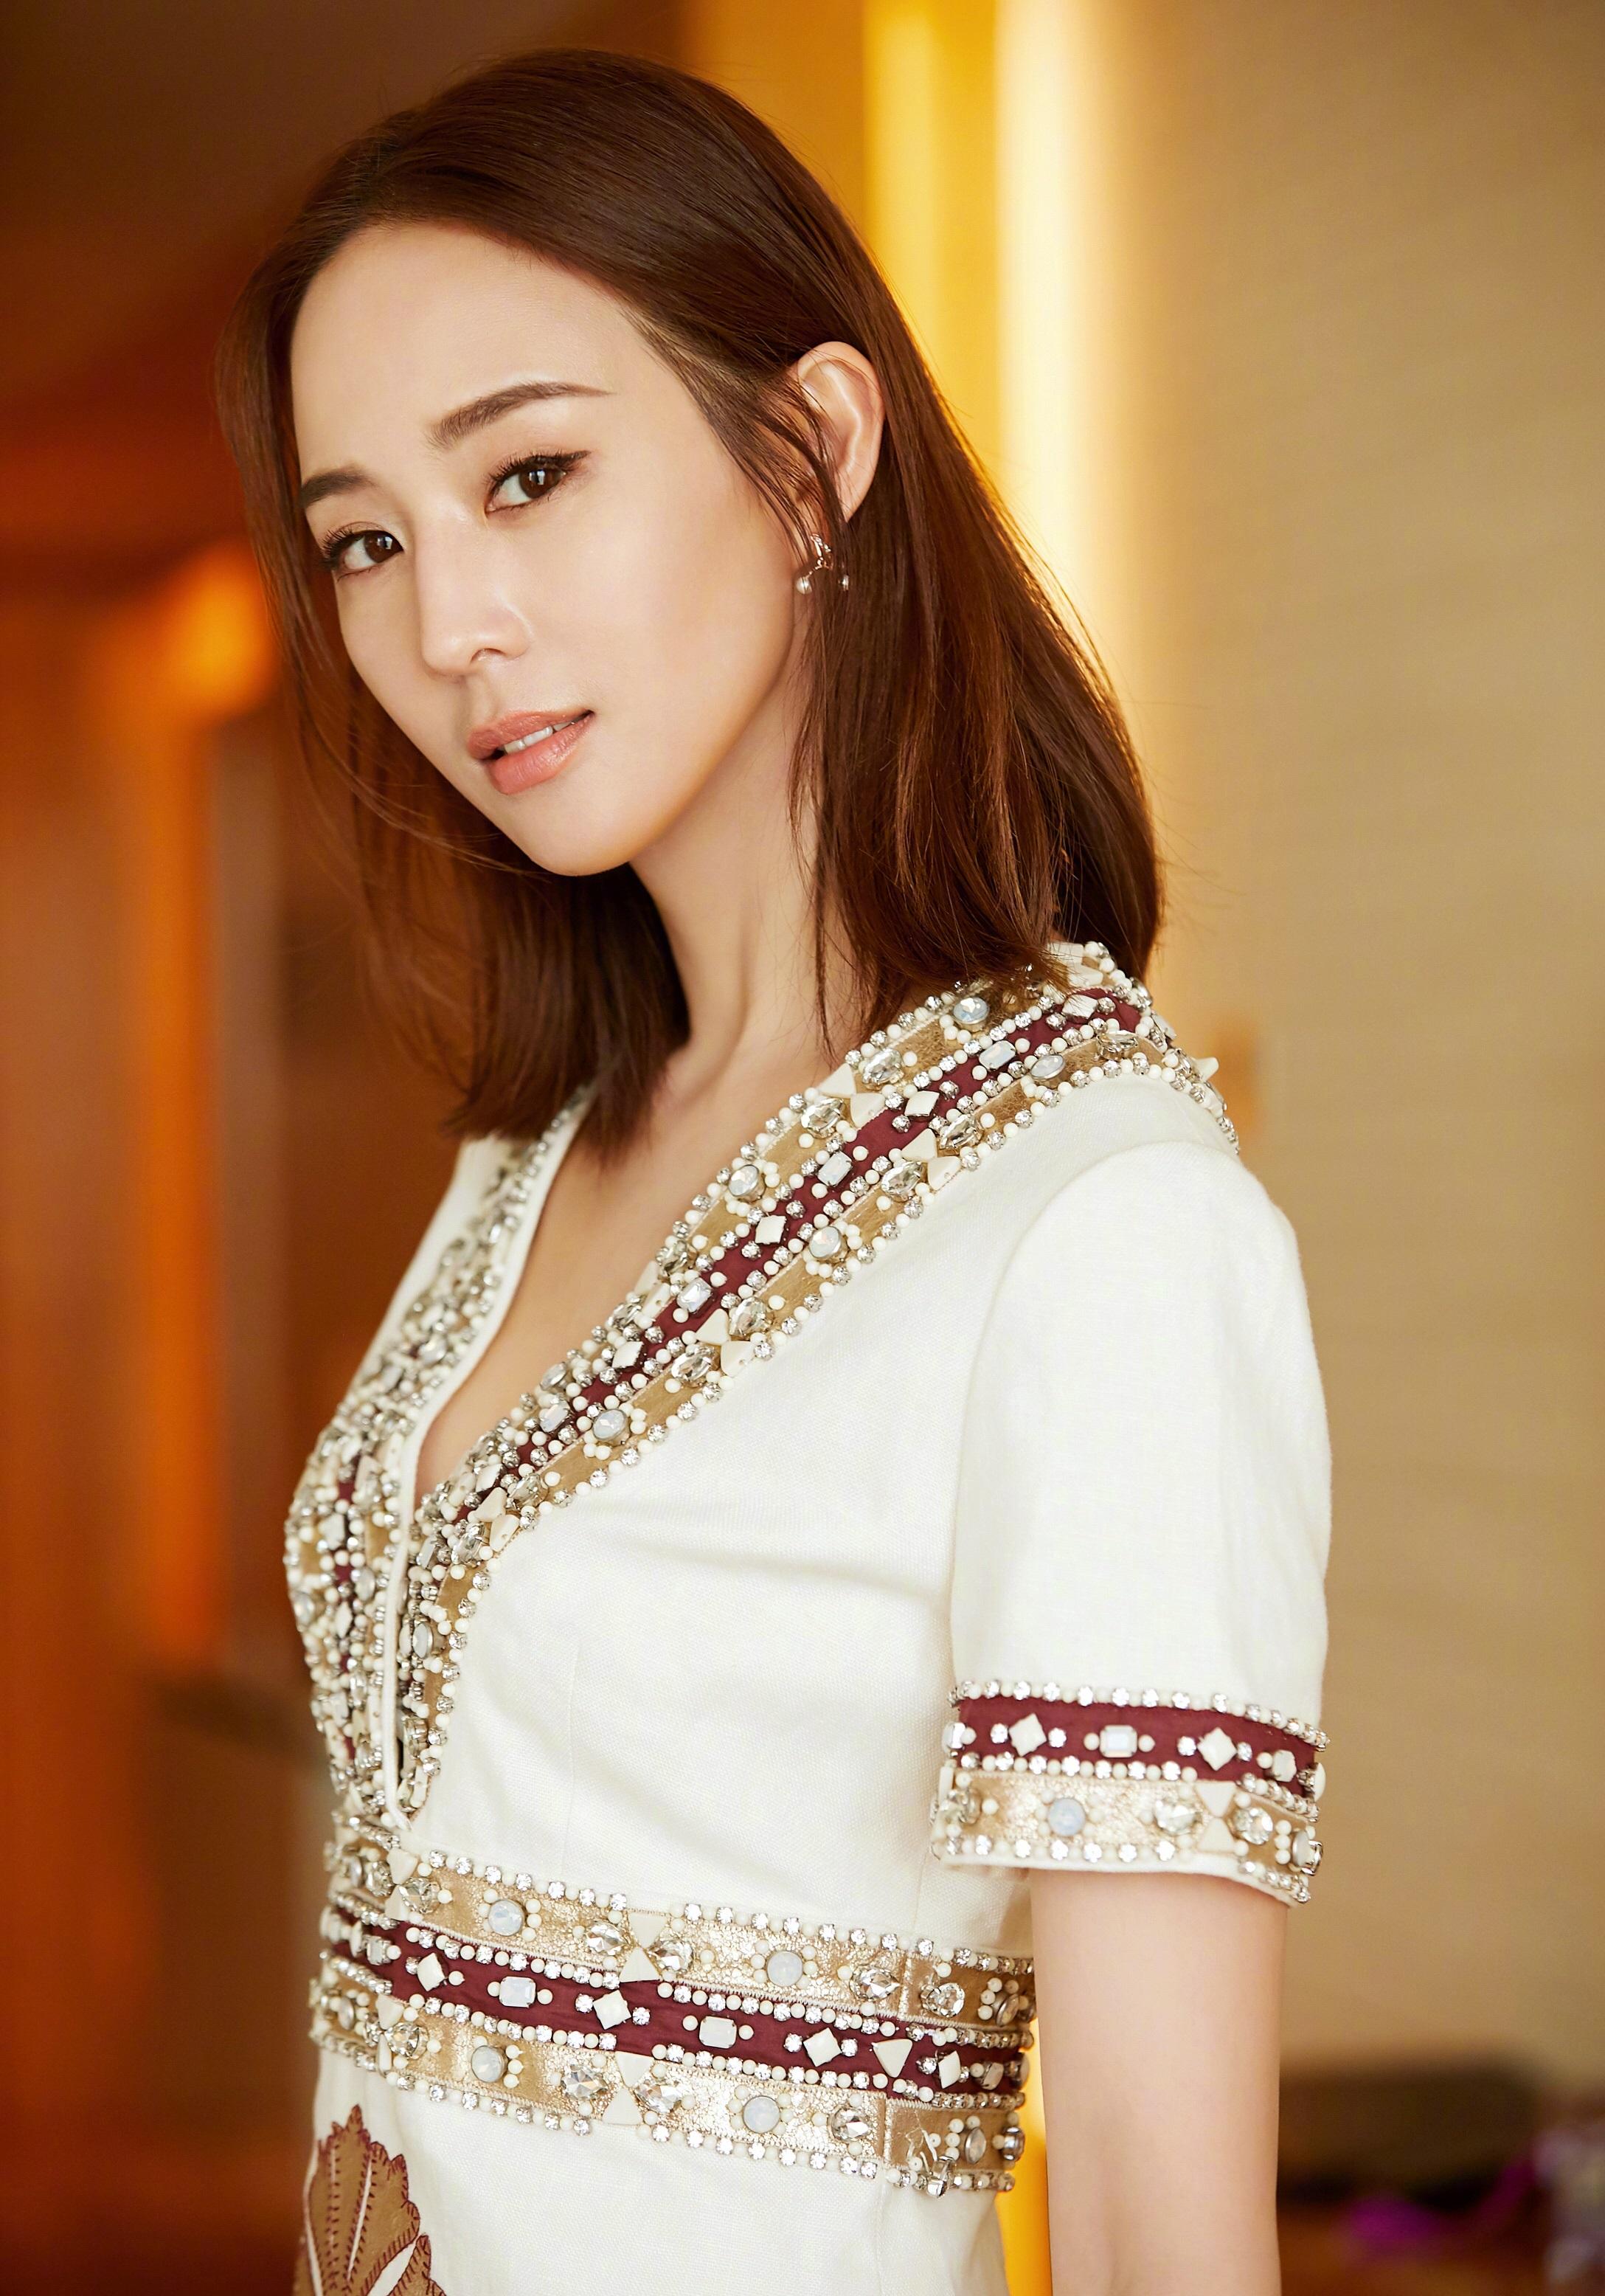 张钧甯将头发烫卷了,搭配黄色连衣裙明艳又清新,36岁